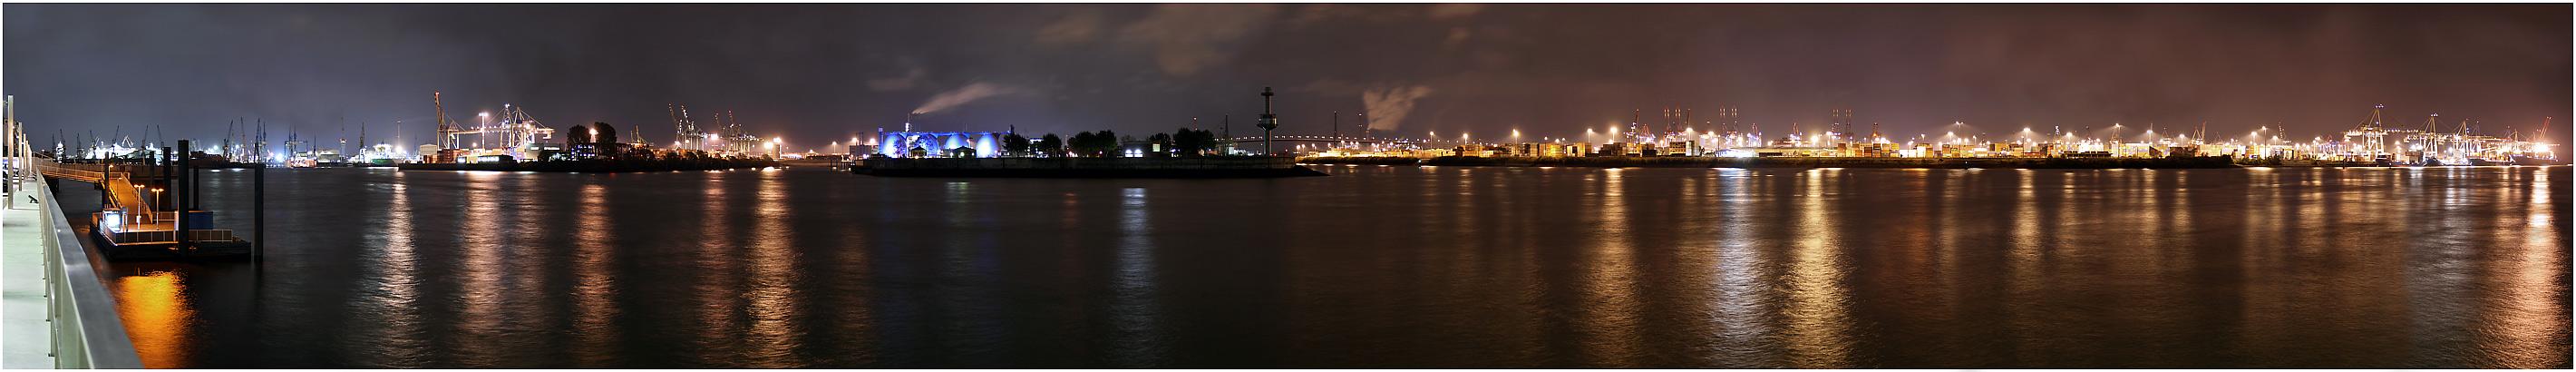 Hafen-Pano